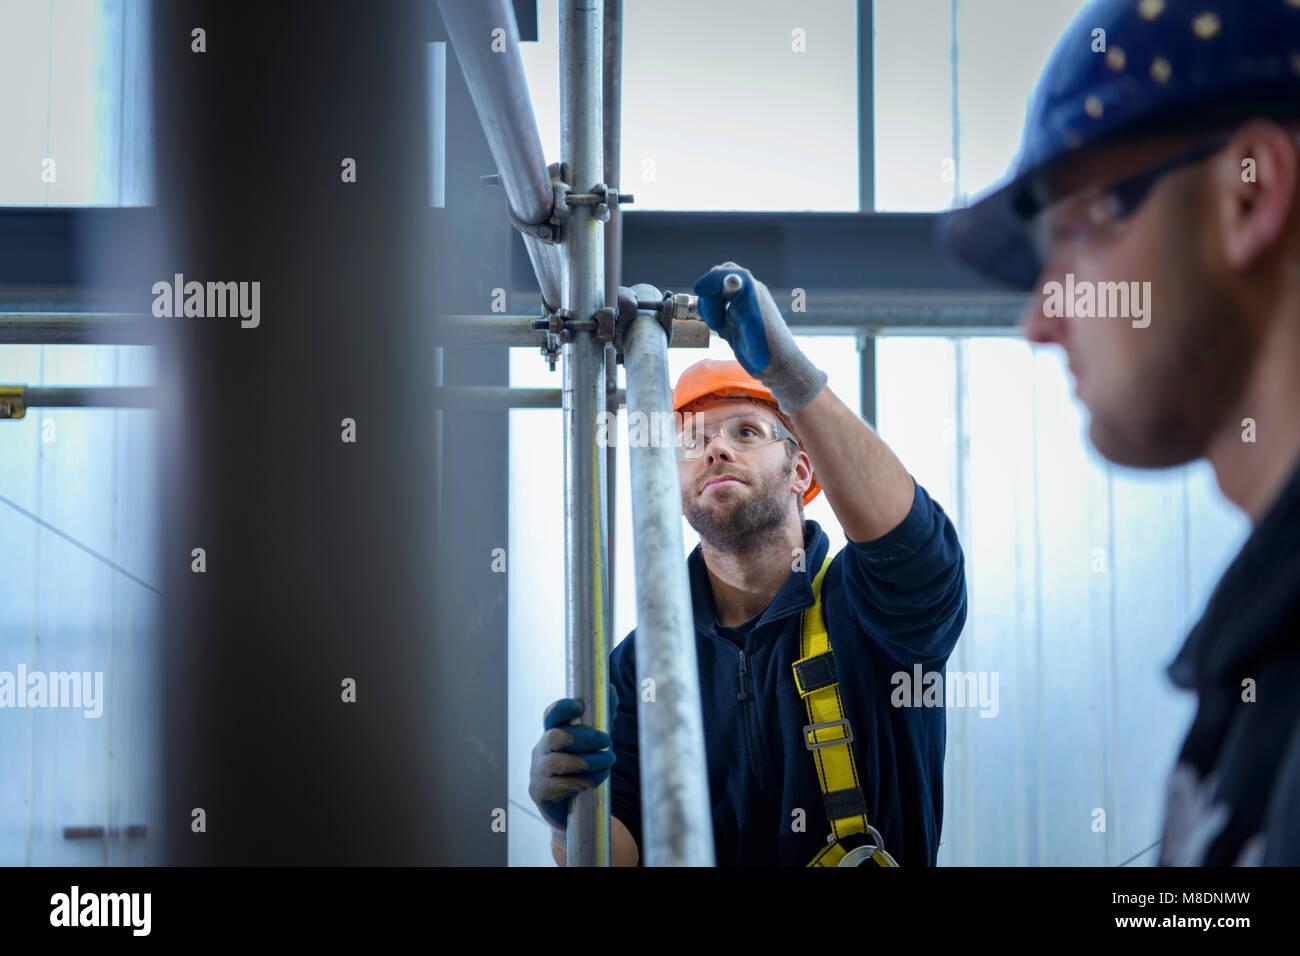 Lehrling Ingenieure Vorbereitung und Einrichtung der Gerüste Stockfoto